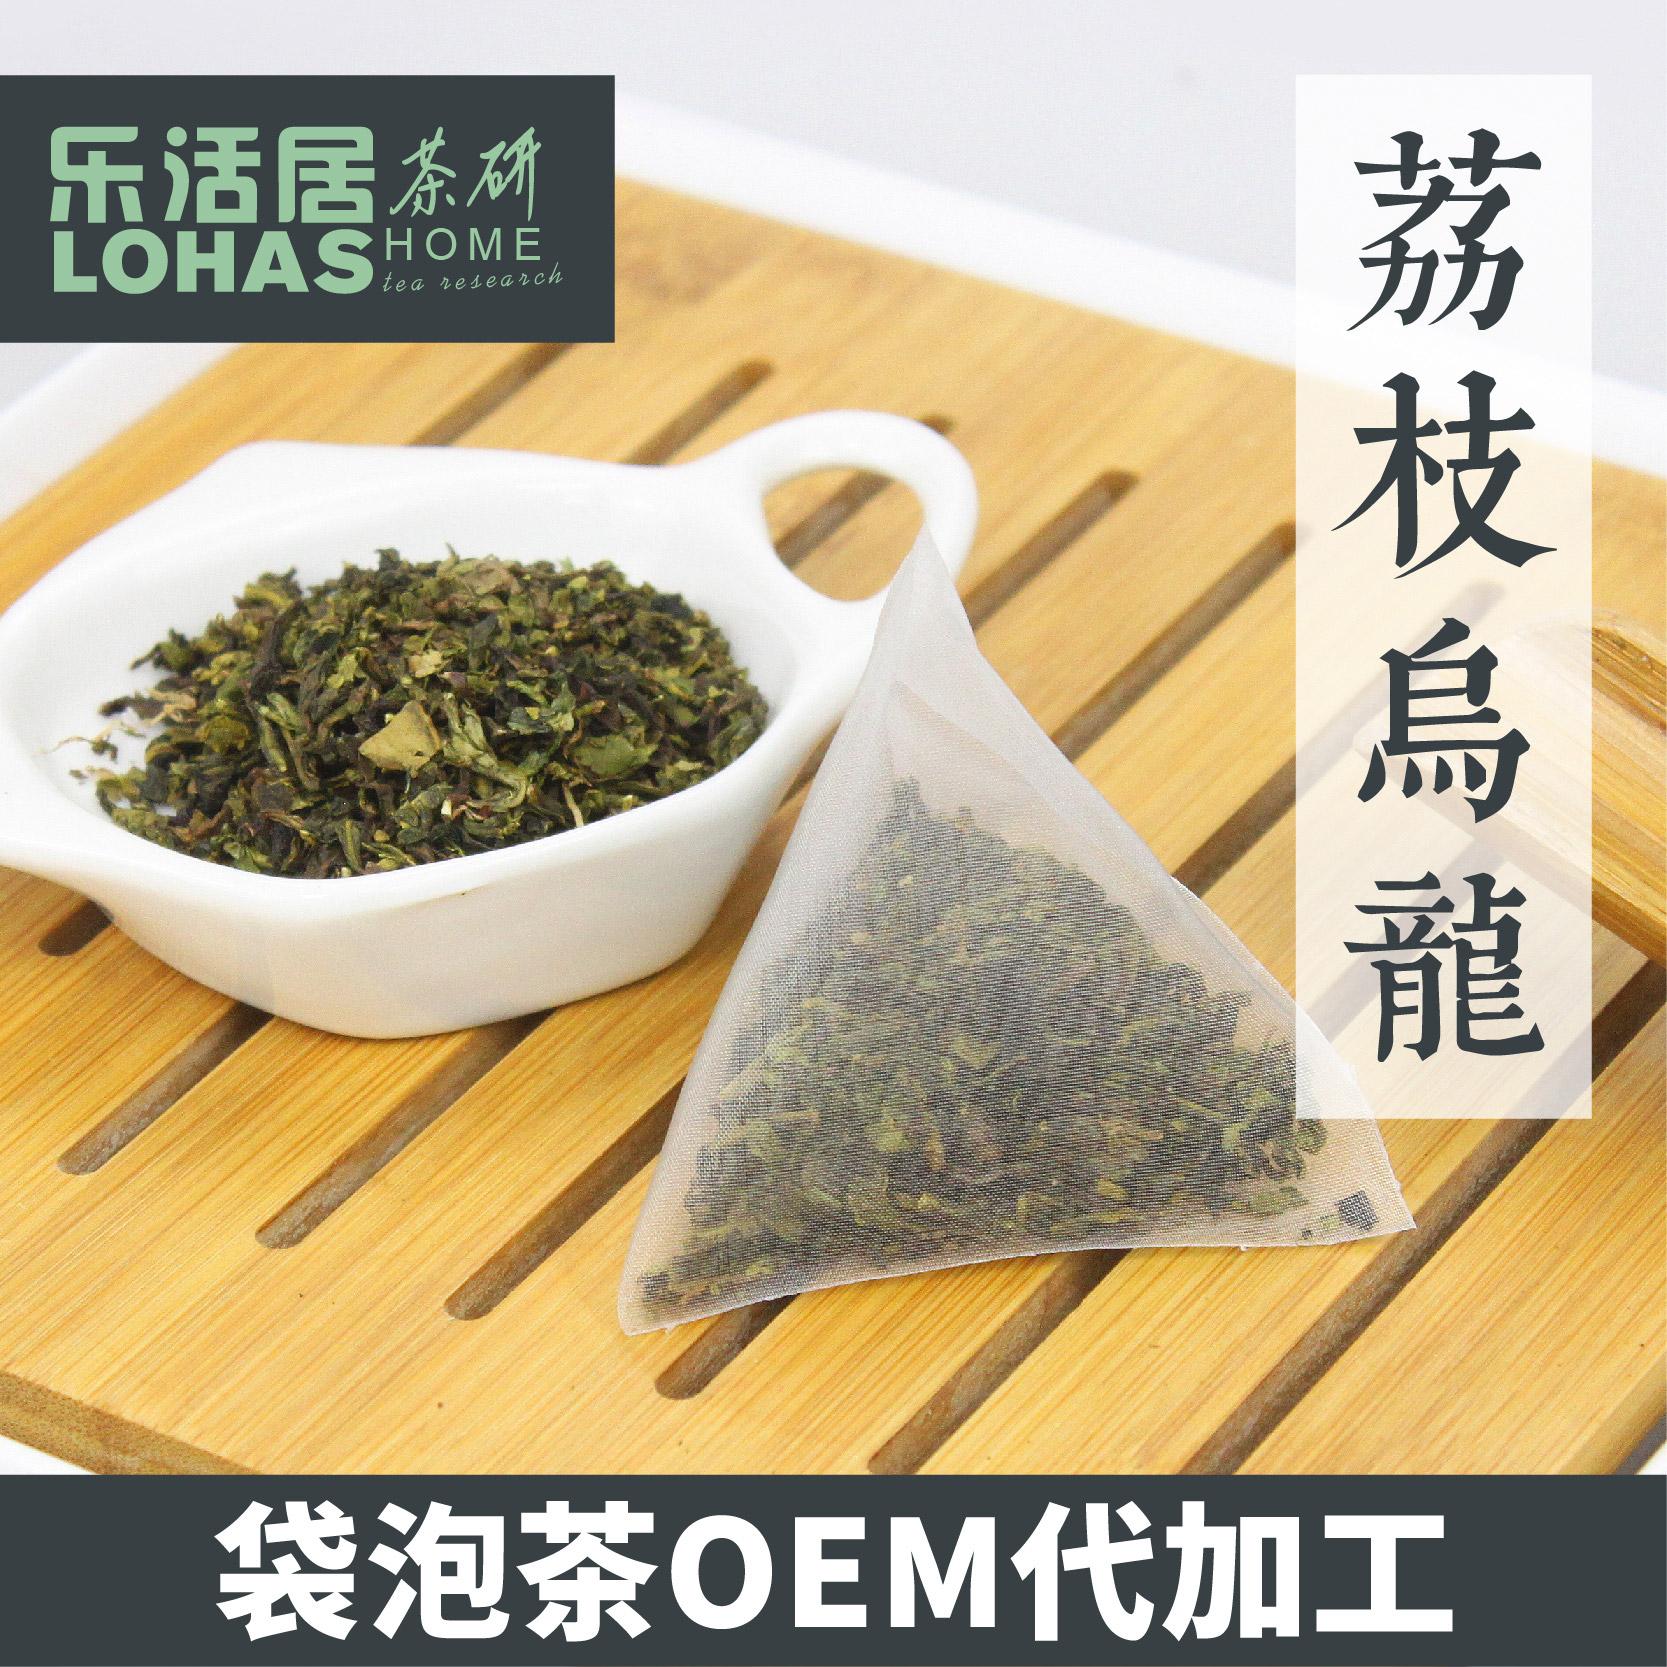 厂家大量批发荔枝乌龙乌龙茶三角包袋泡茶奶茶餐饮店原料专用直销